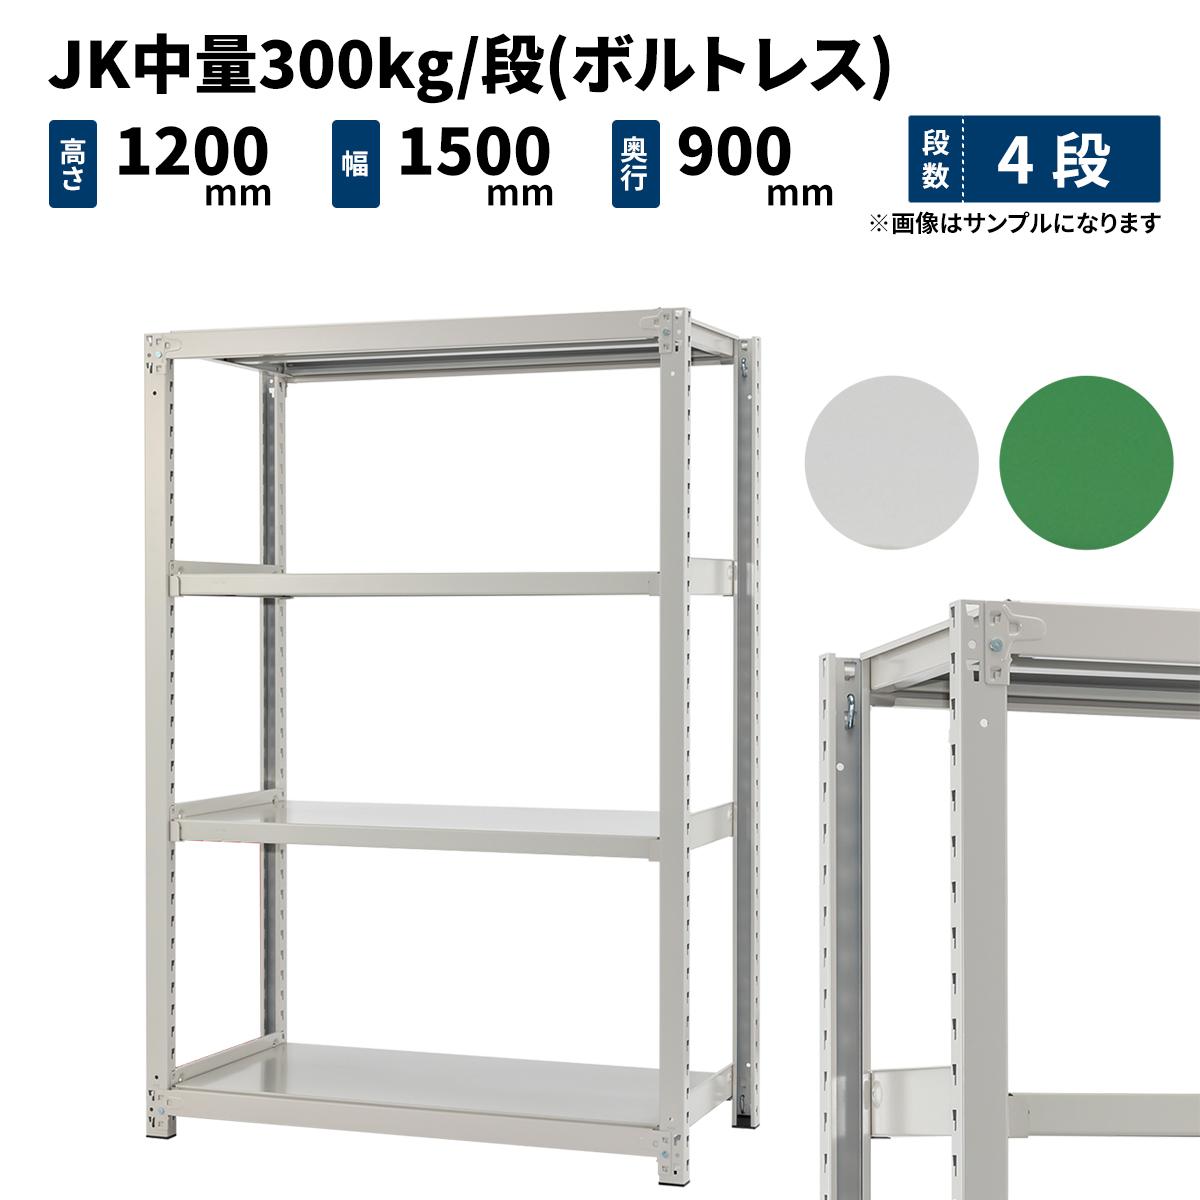 スチールラック 業務用 JK中量300kg/段(ボルトレス) 単体形式 高さ1200×幅1500×奥行900mm 4段 ホワイトグレー/グリーン (94kg) JK300_T-121509-4